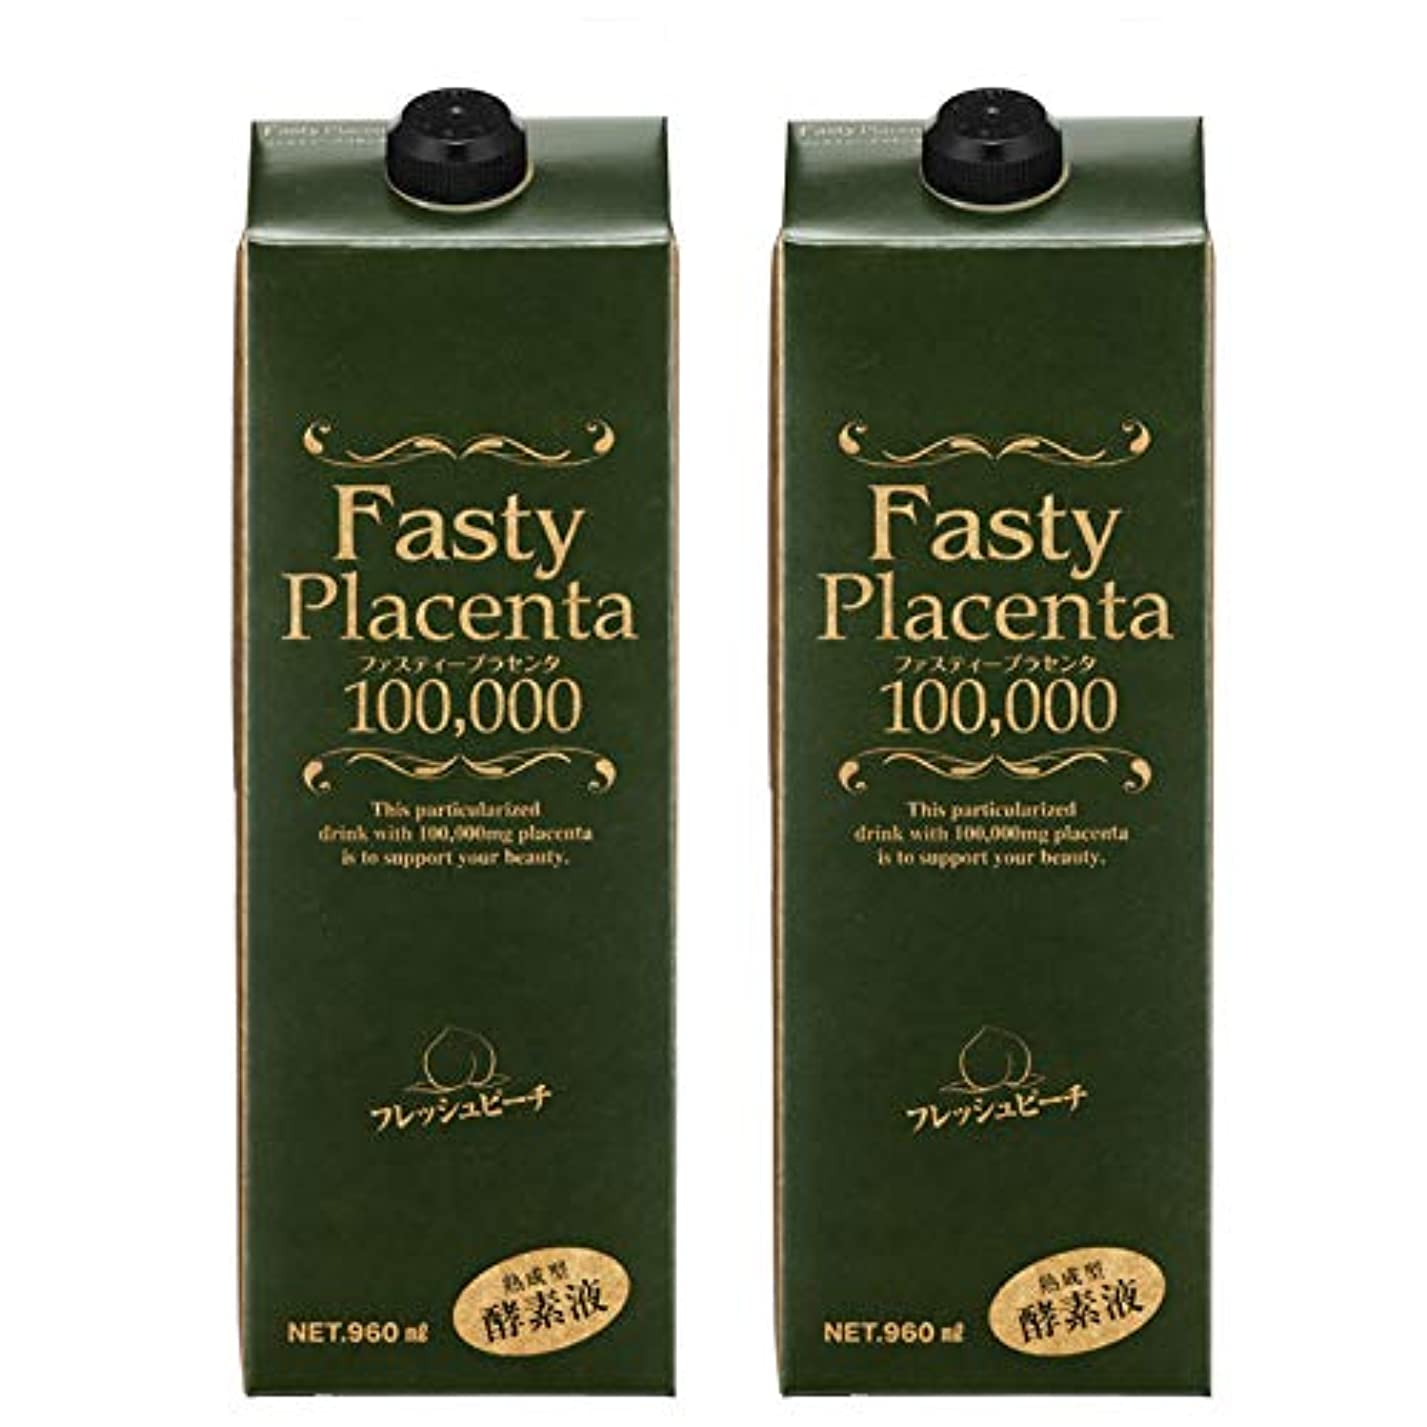 矢アウトドア主張するファスティープラセンタ100,000 増量パック(フレッシュピーチ味) 2本